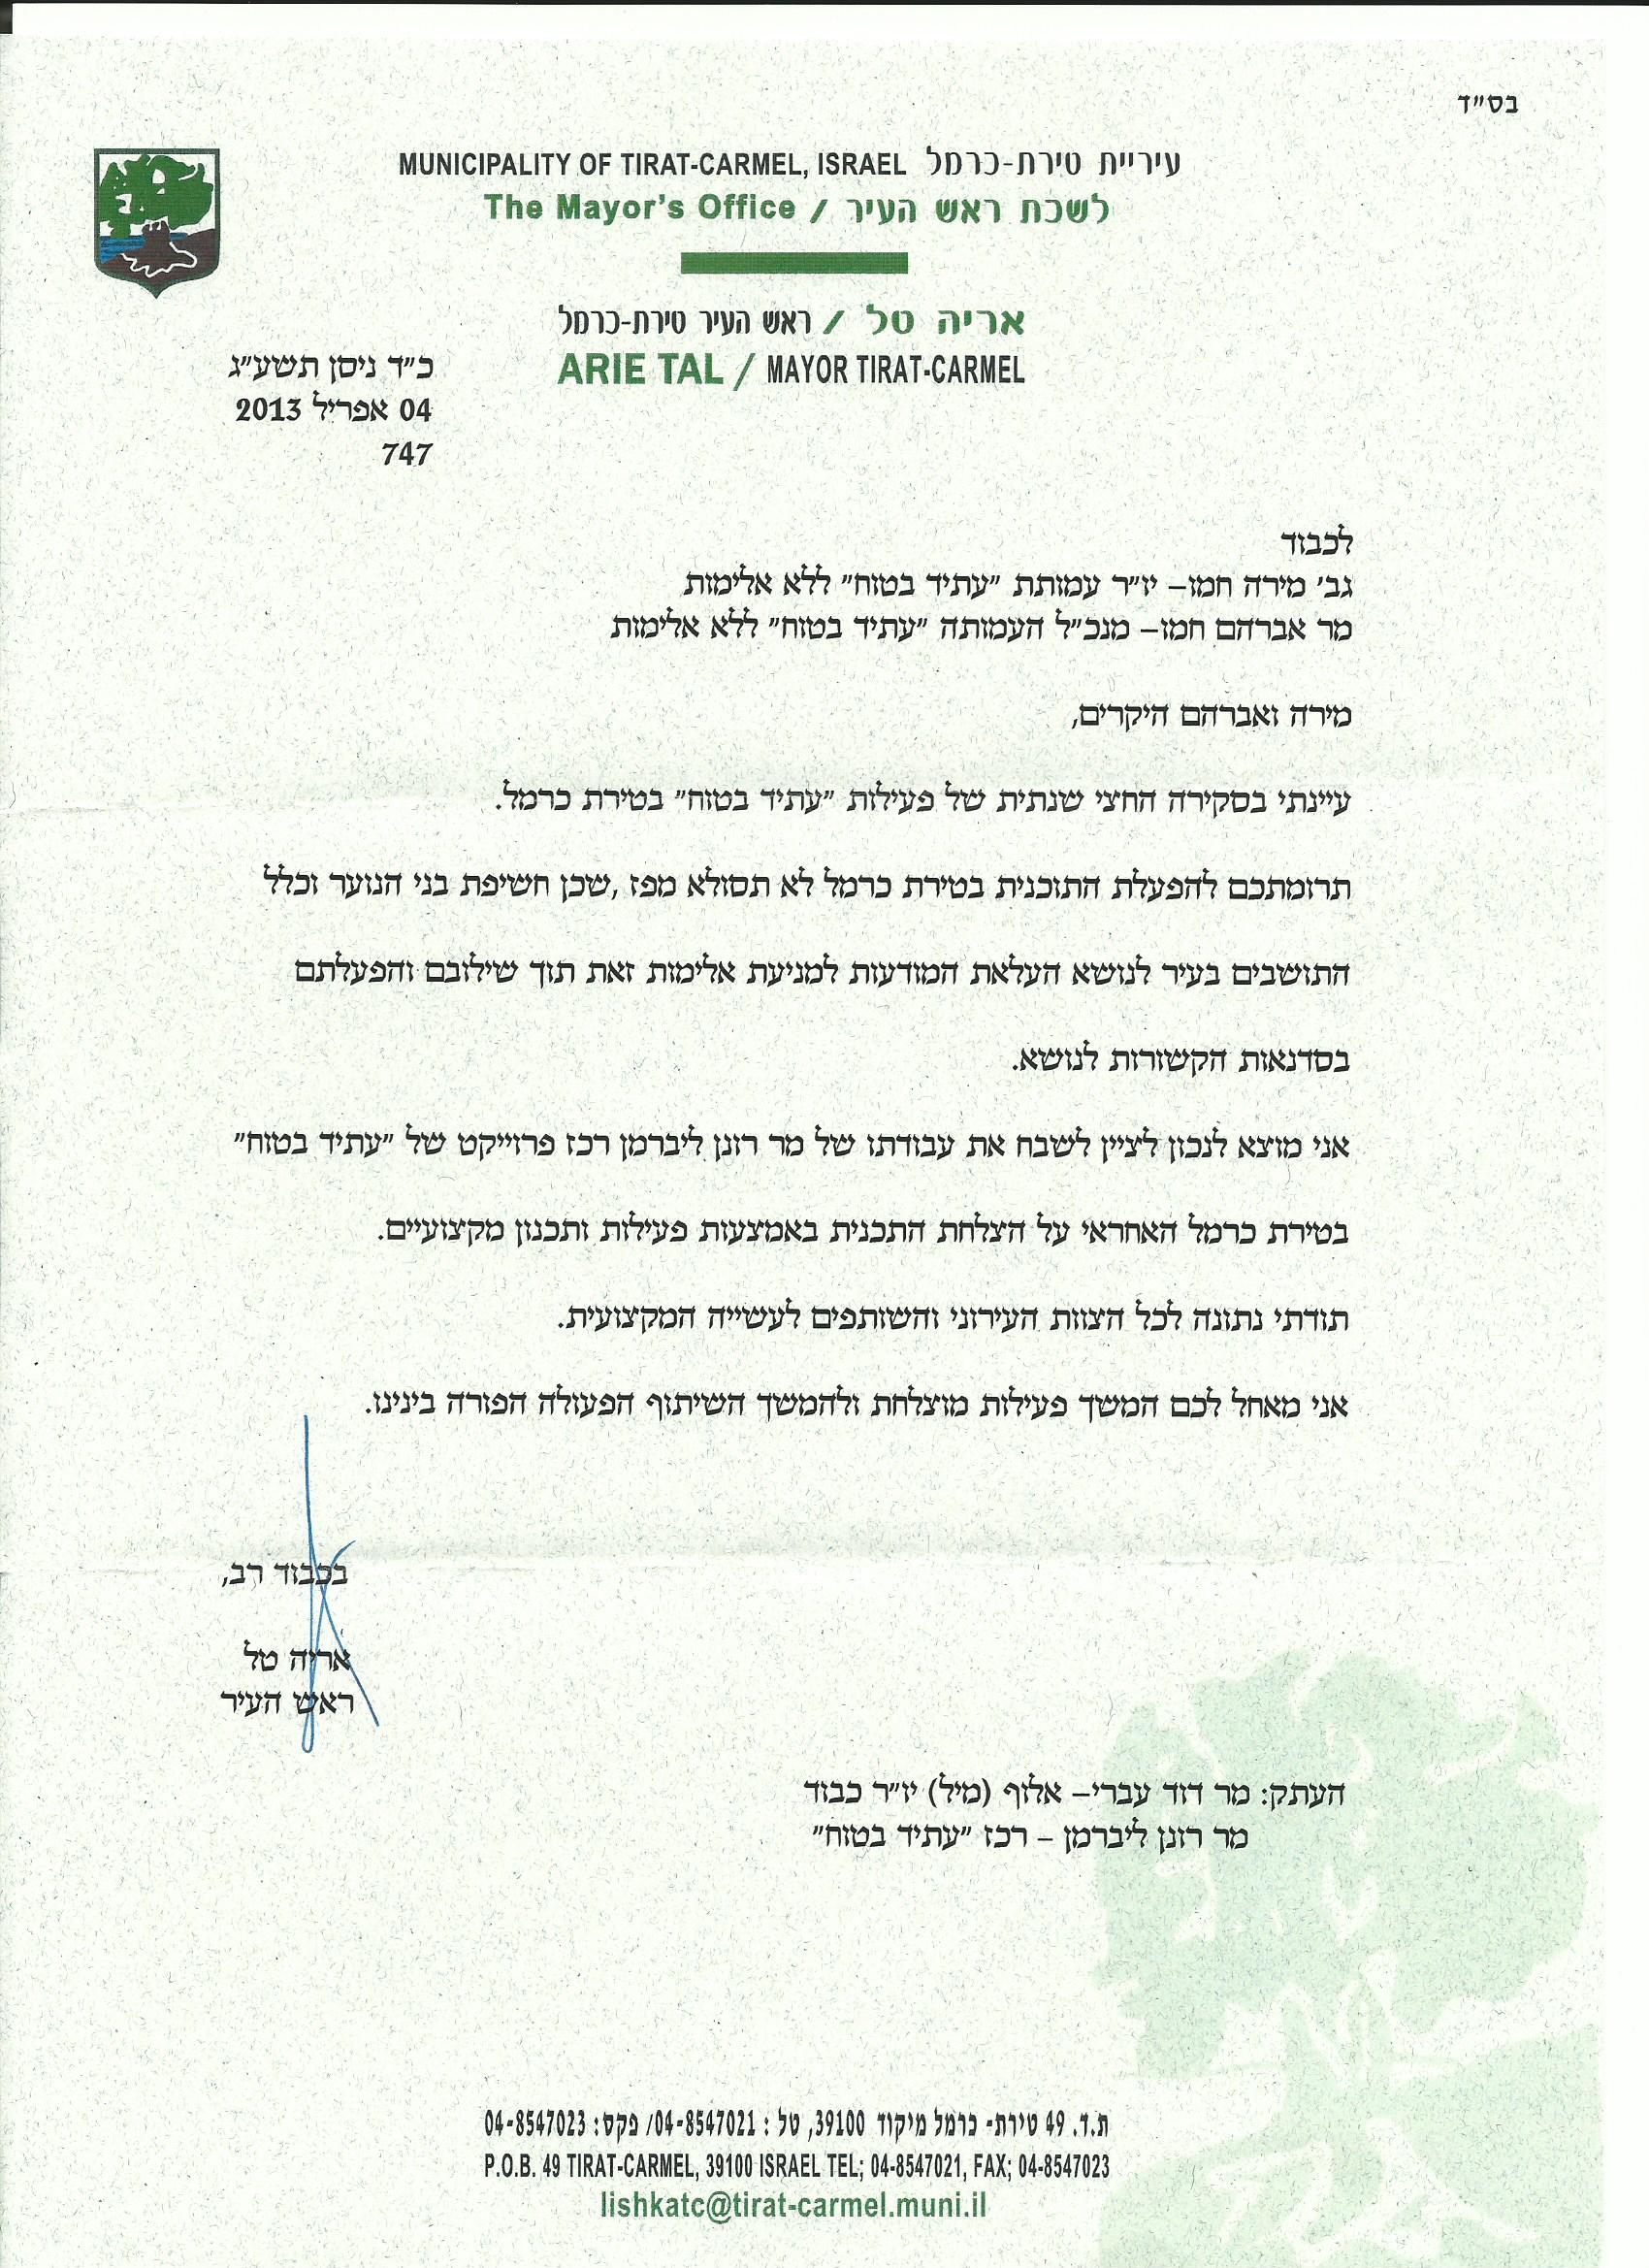 מכתב מראש העיר טירת הכרמל